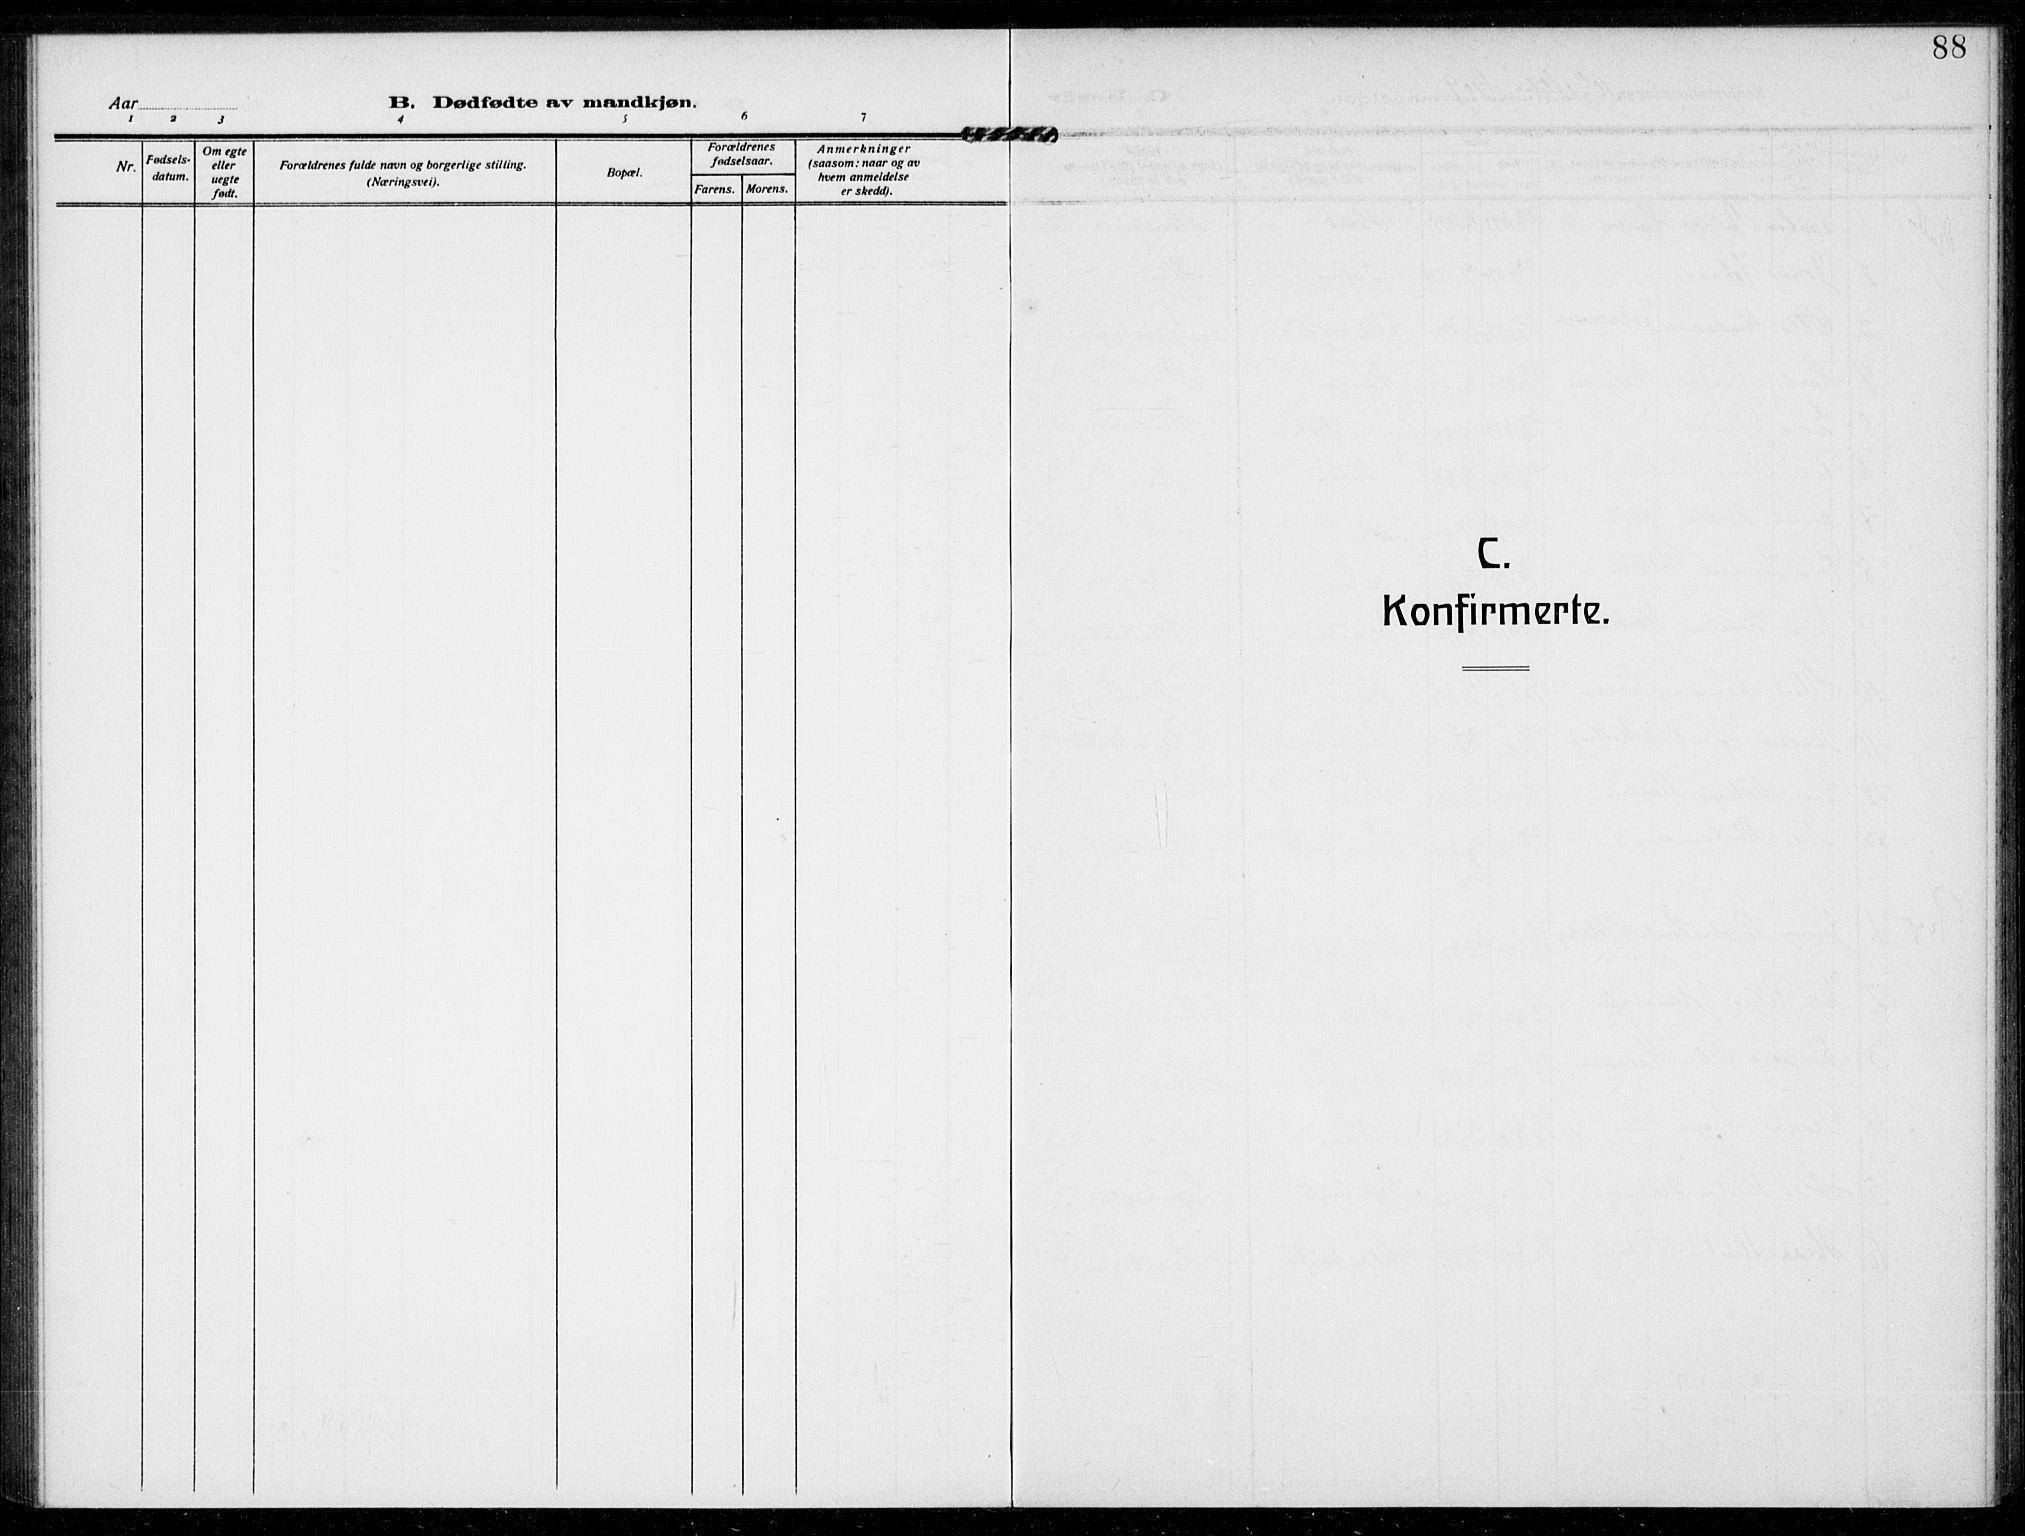 SAKO, Bamble kirkebøker, F/Fc/L0001: Ministerialbok nr. III 1, 1909-1916, s. 88